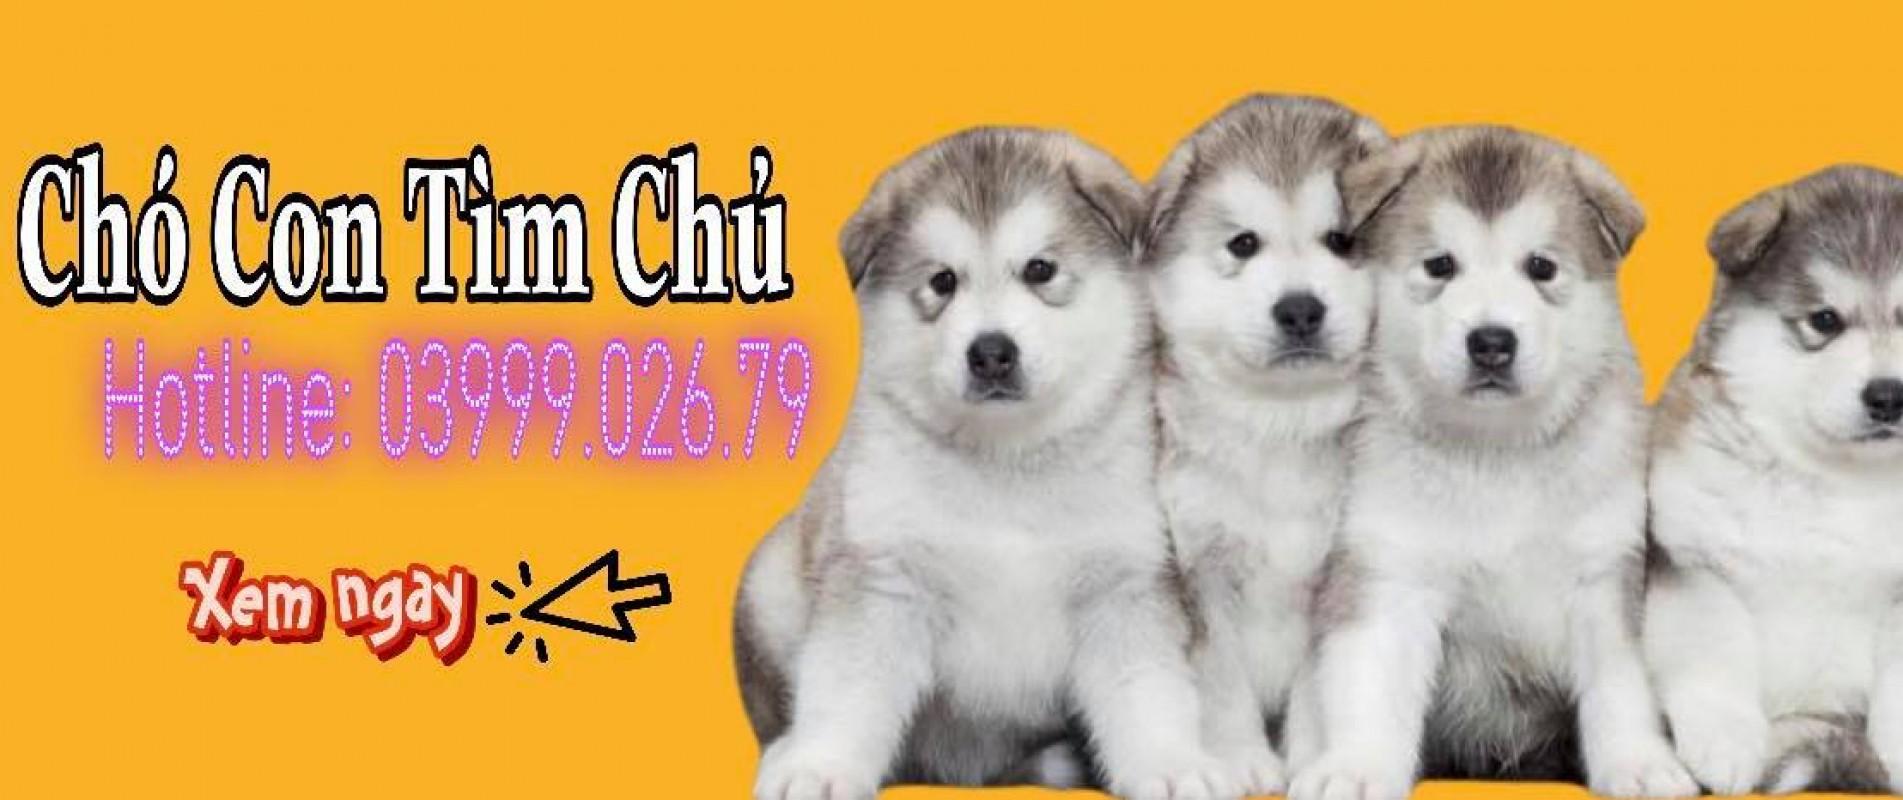 Mua bán các loại chó husky wooly, bán chó husky, bán chó wooly, bán chó alaska, bán chó golden retriever, khách sạn thú cưng, cafe thú cưng. 03999.026.79